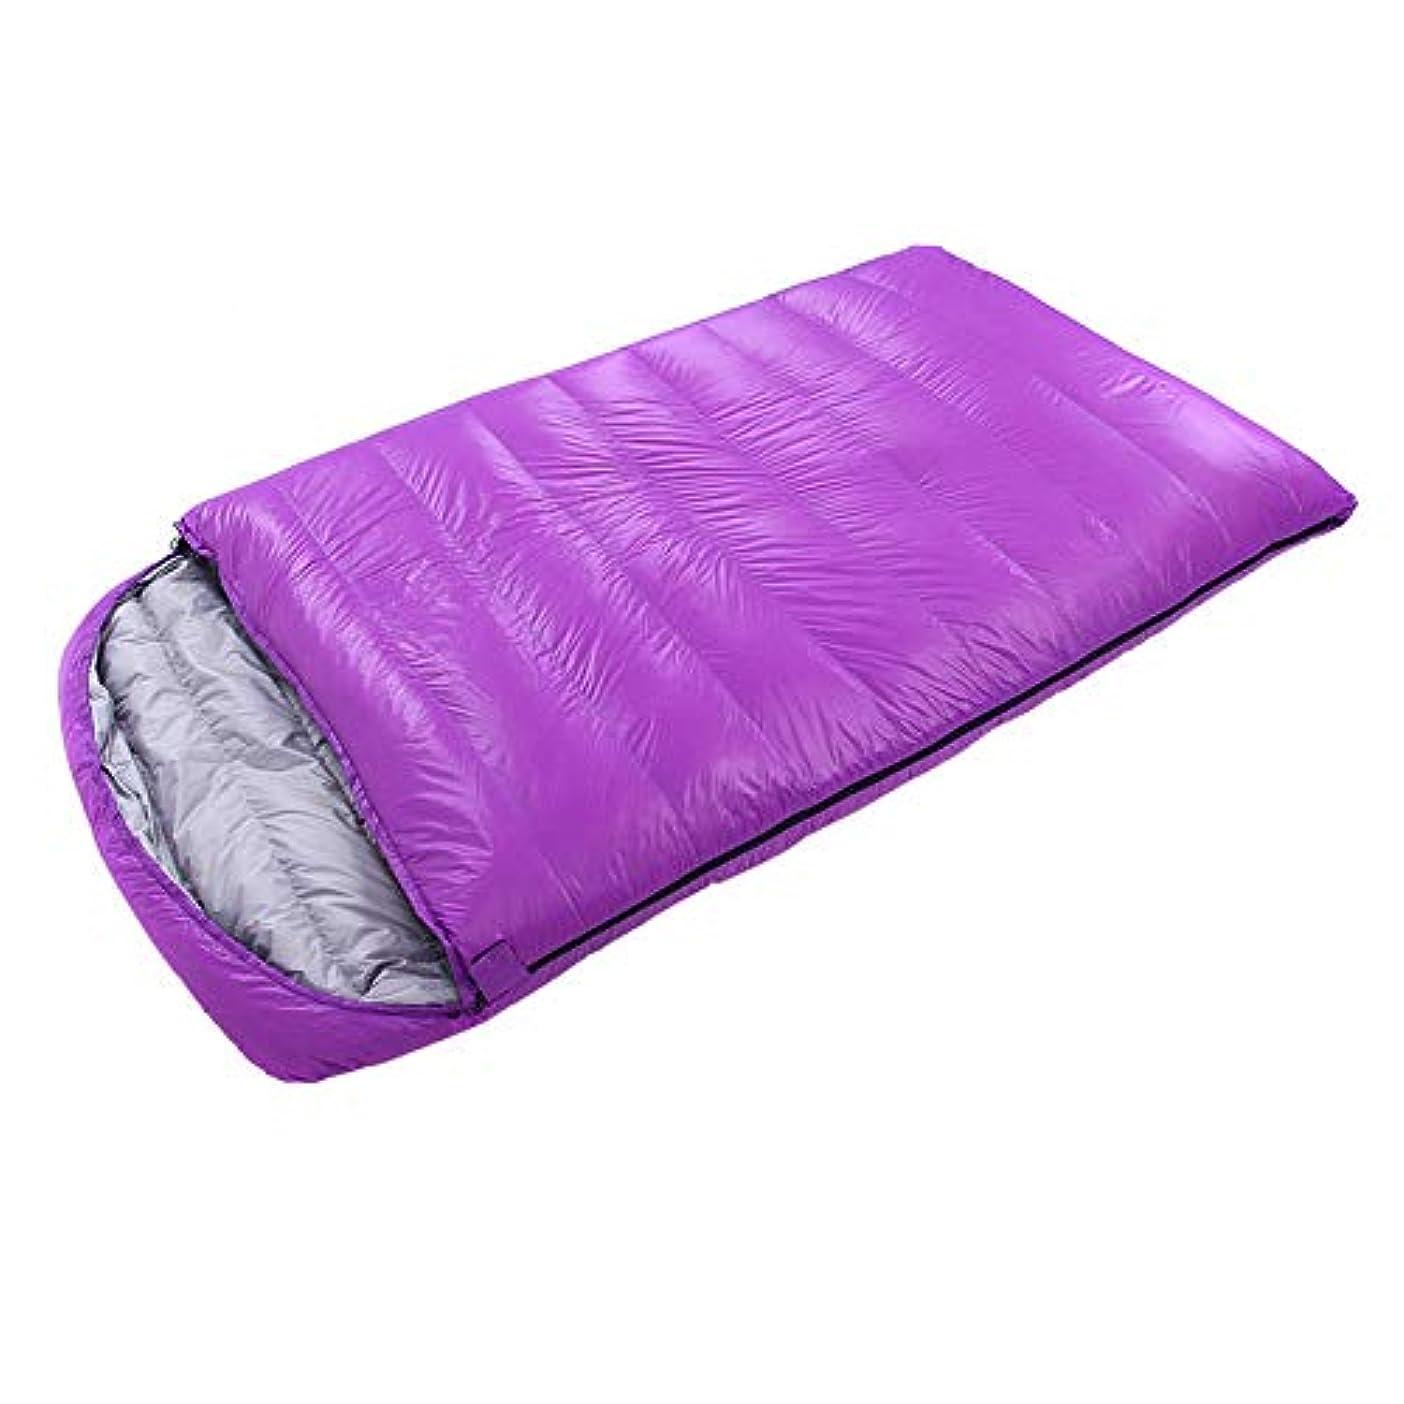 願望充電探す大人の屋外ポータブル大人の寝袋屋内ランチ休憩ハイキングガチョウ寝袋厚い超軽量防水